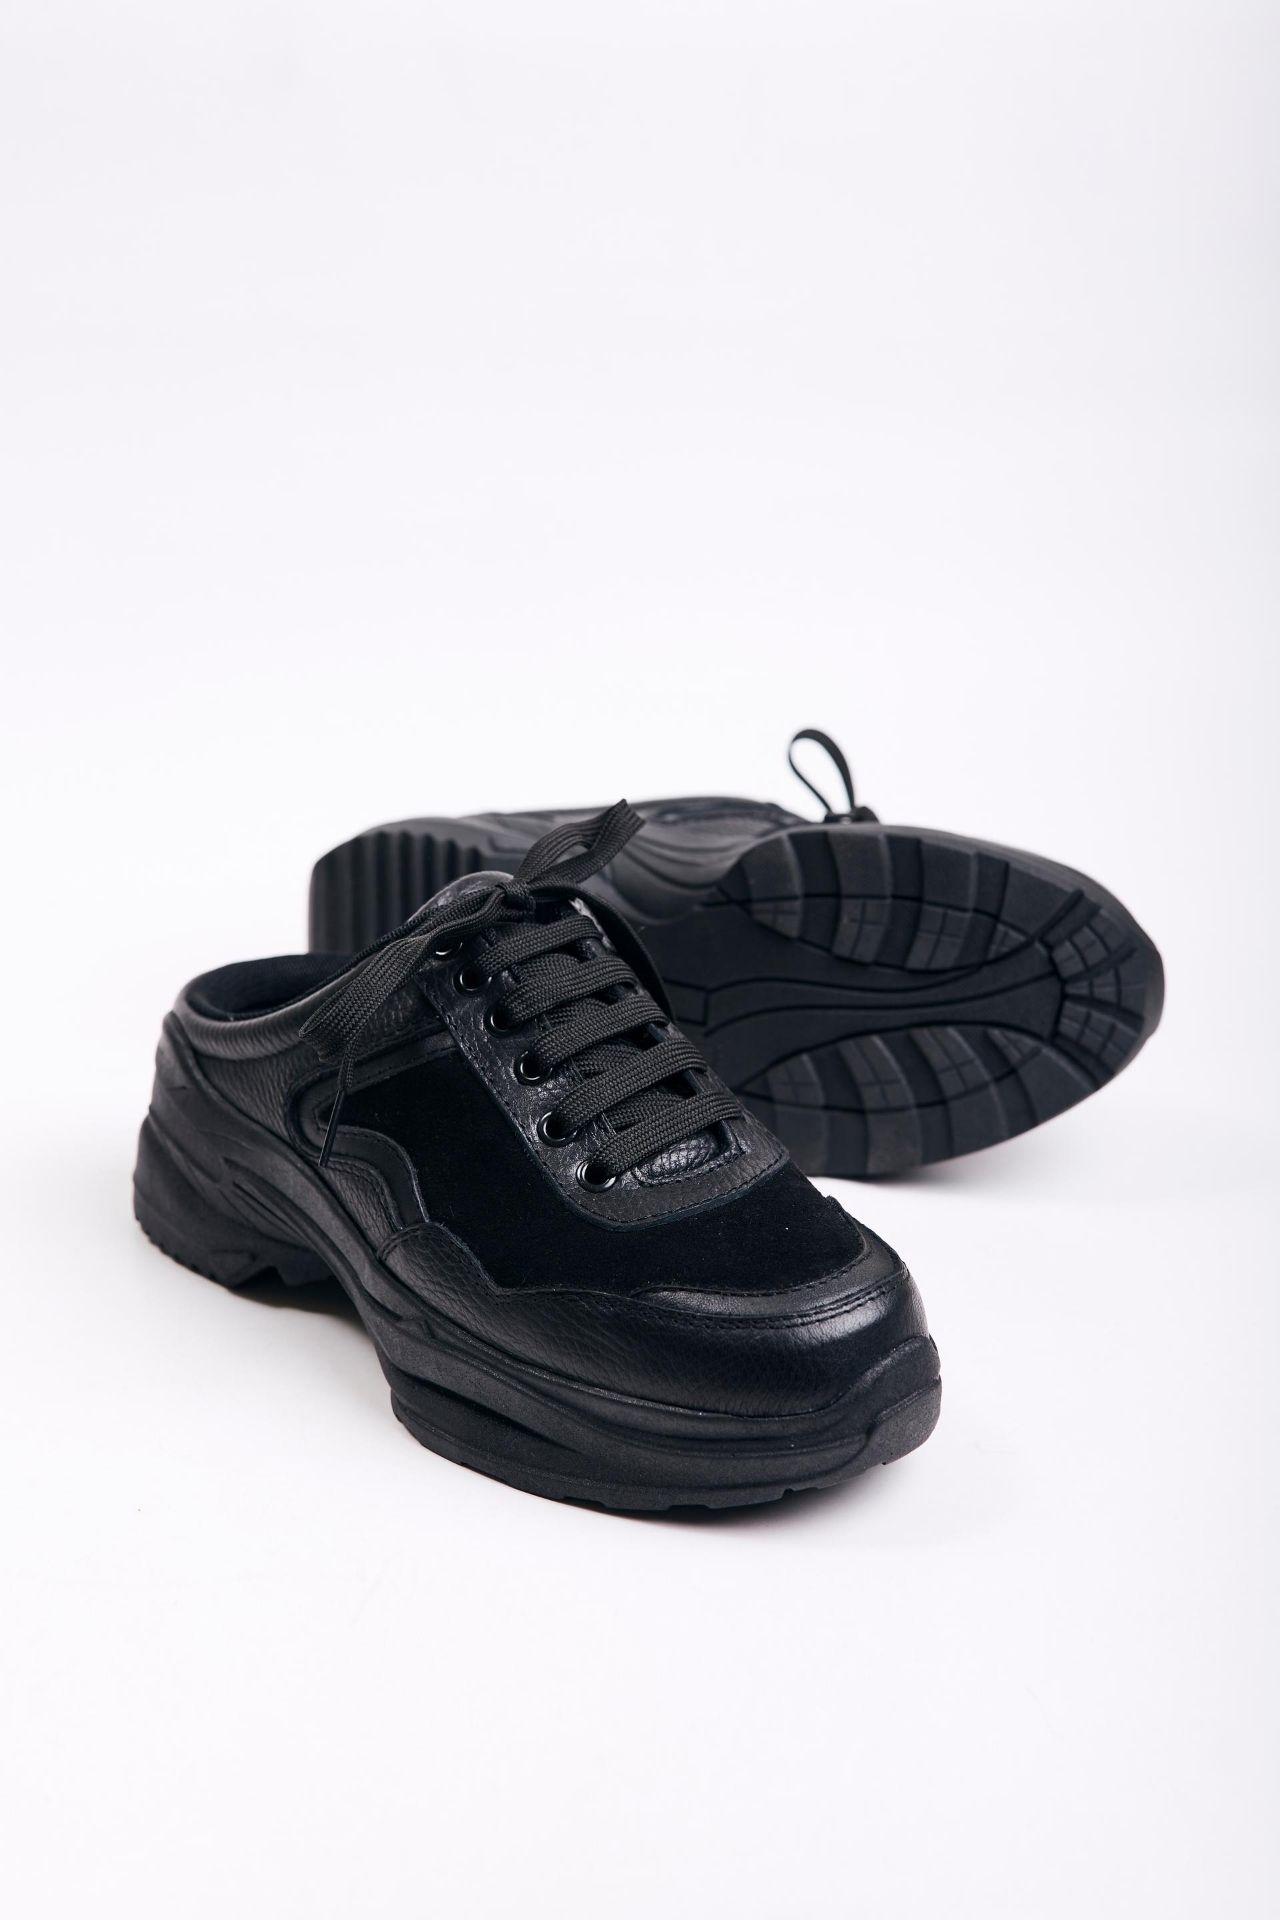 Sneakers negras de cuero con gamuza que pueden usar como slip on. Tiene un desnivel en la parte de atrás que las hace muy cómodas.  La horma es exacta, es la talla que normalmente usas.